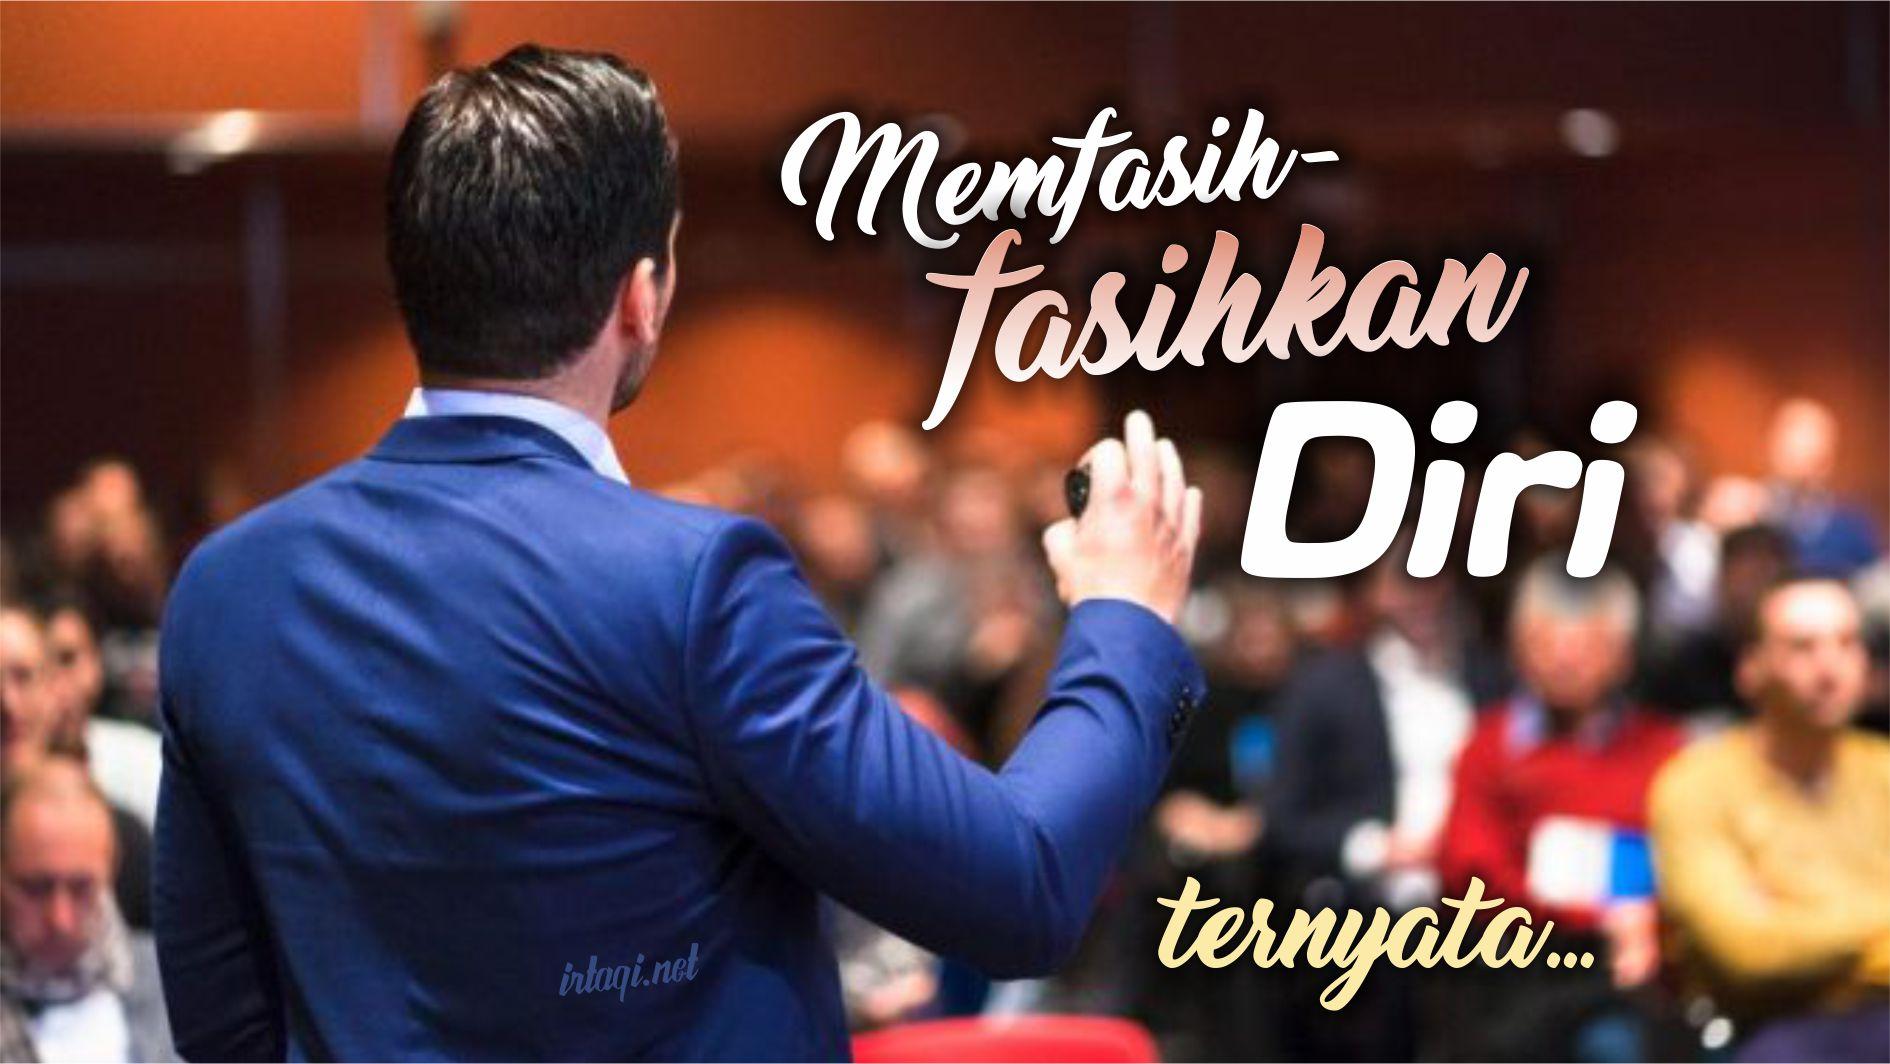 MEMFASIH-FASIHKAN DIRI